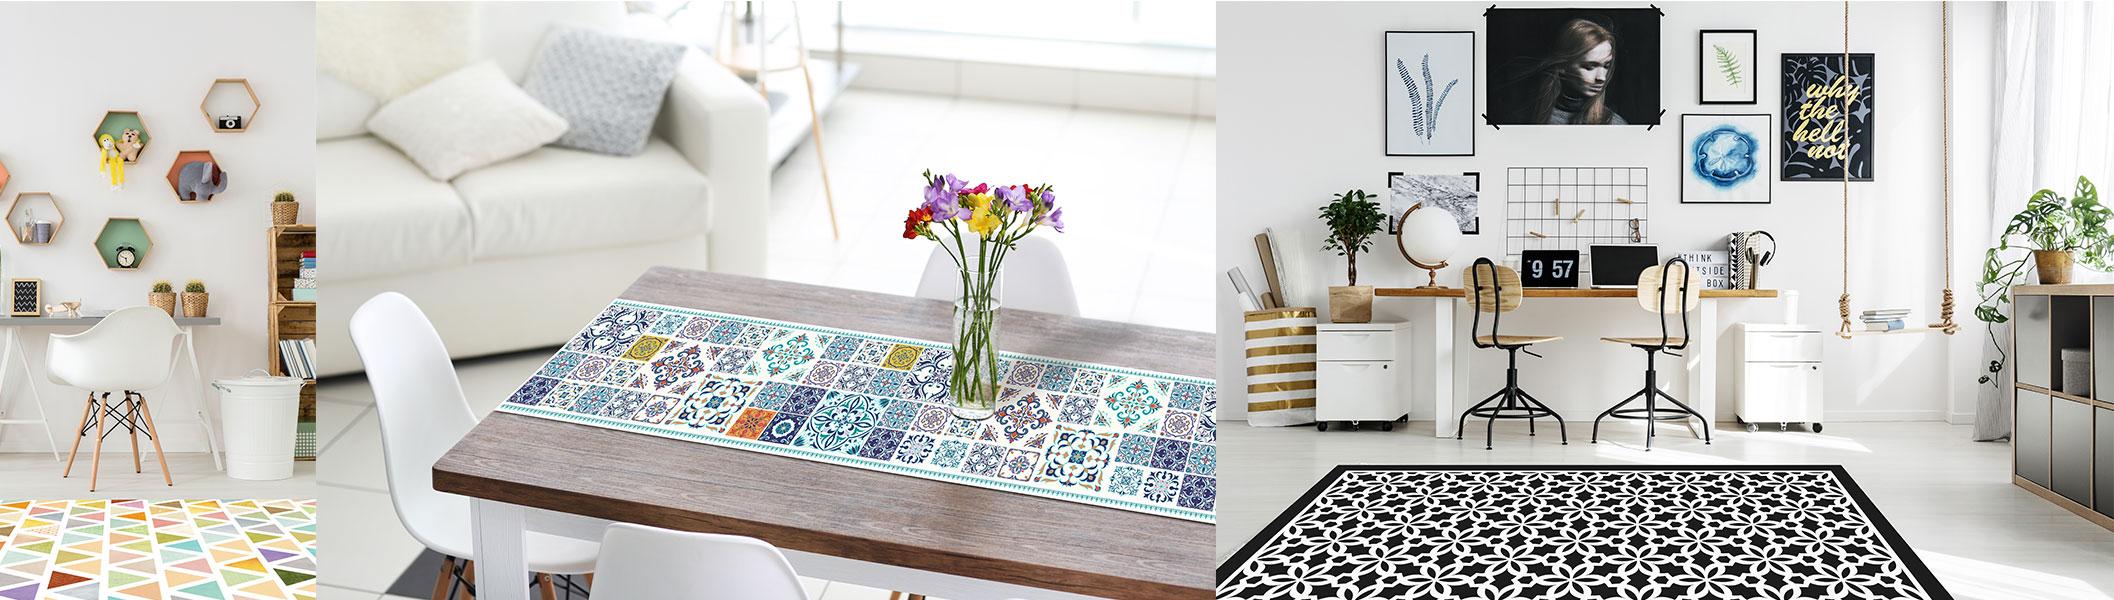 שטיחי pvc לעיצוב הבית